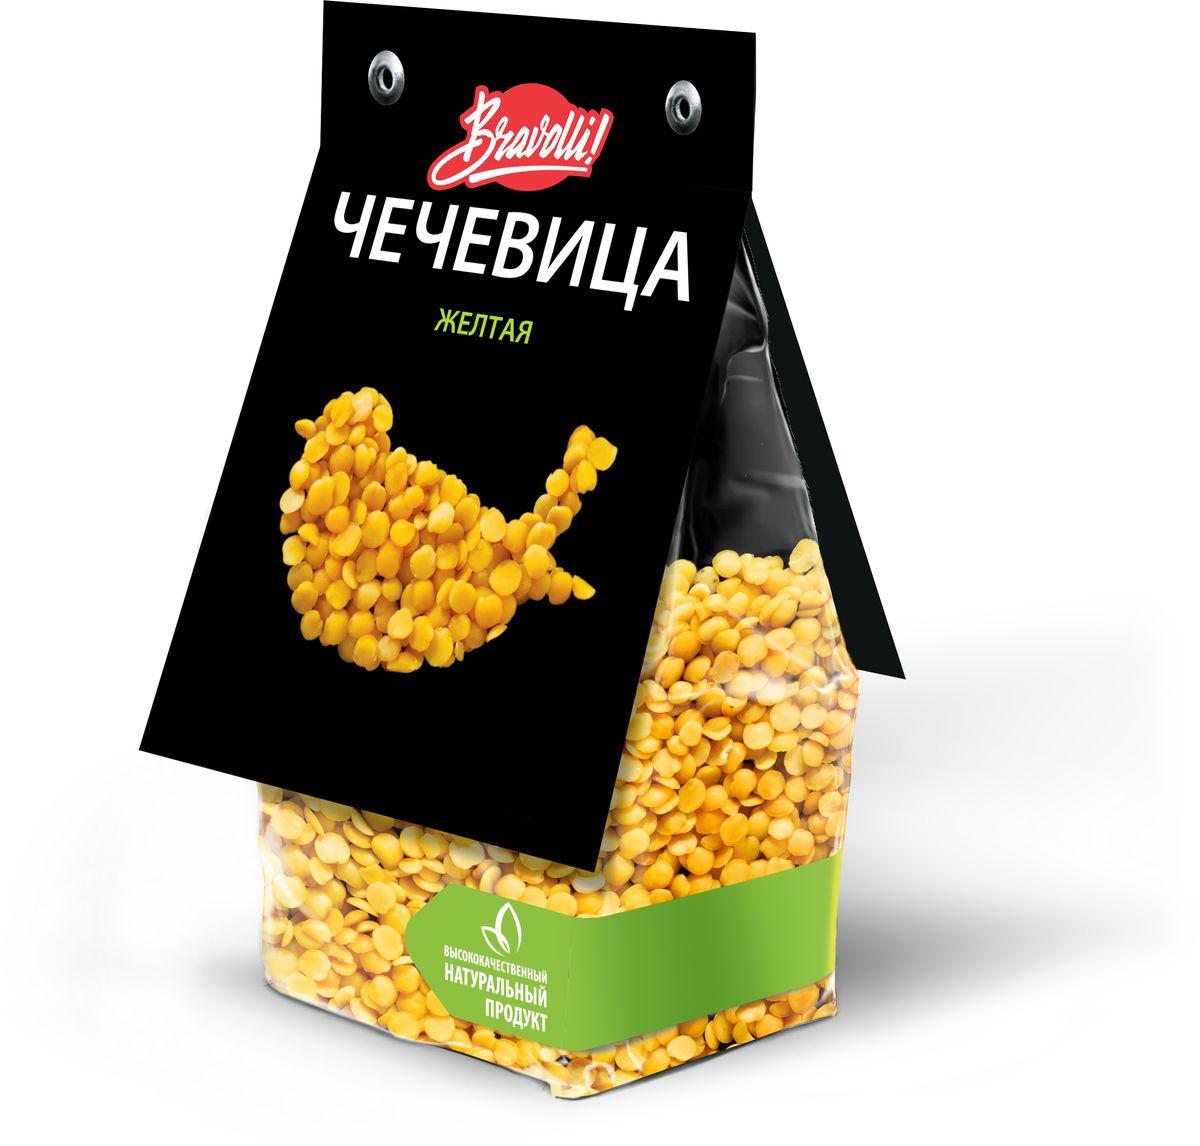 Bravolli Чечевица желтая, 350 г bravolli чечевица желтая 350 г